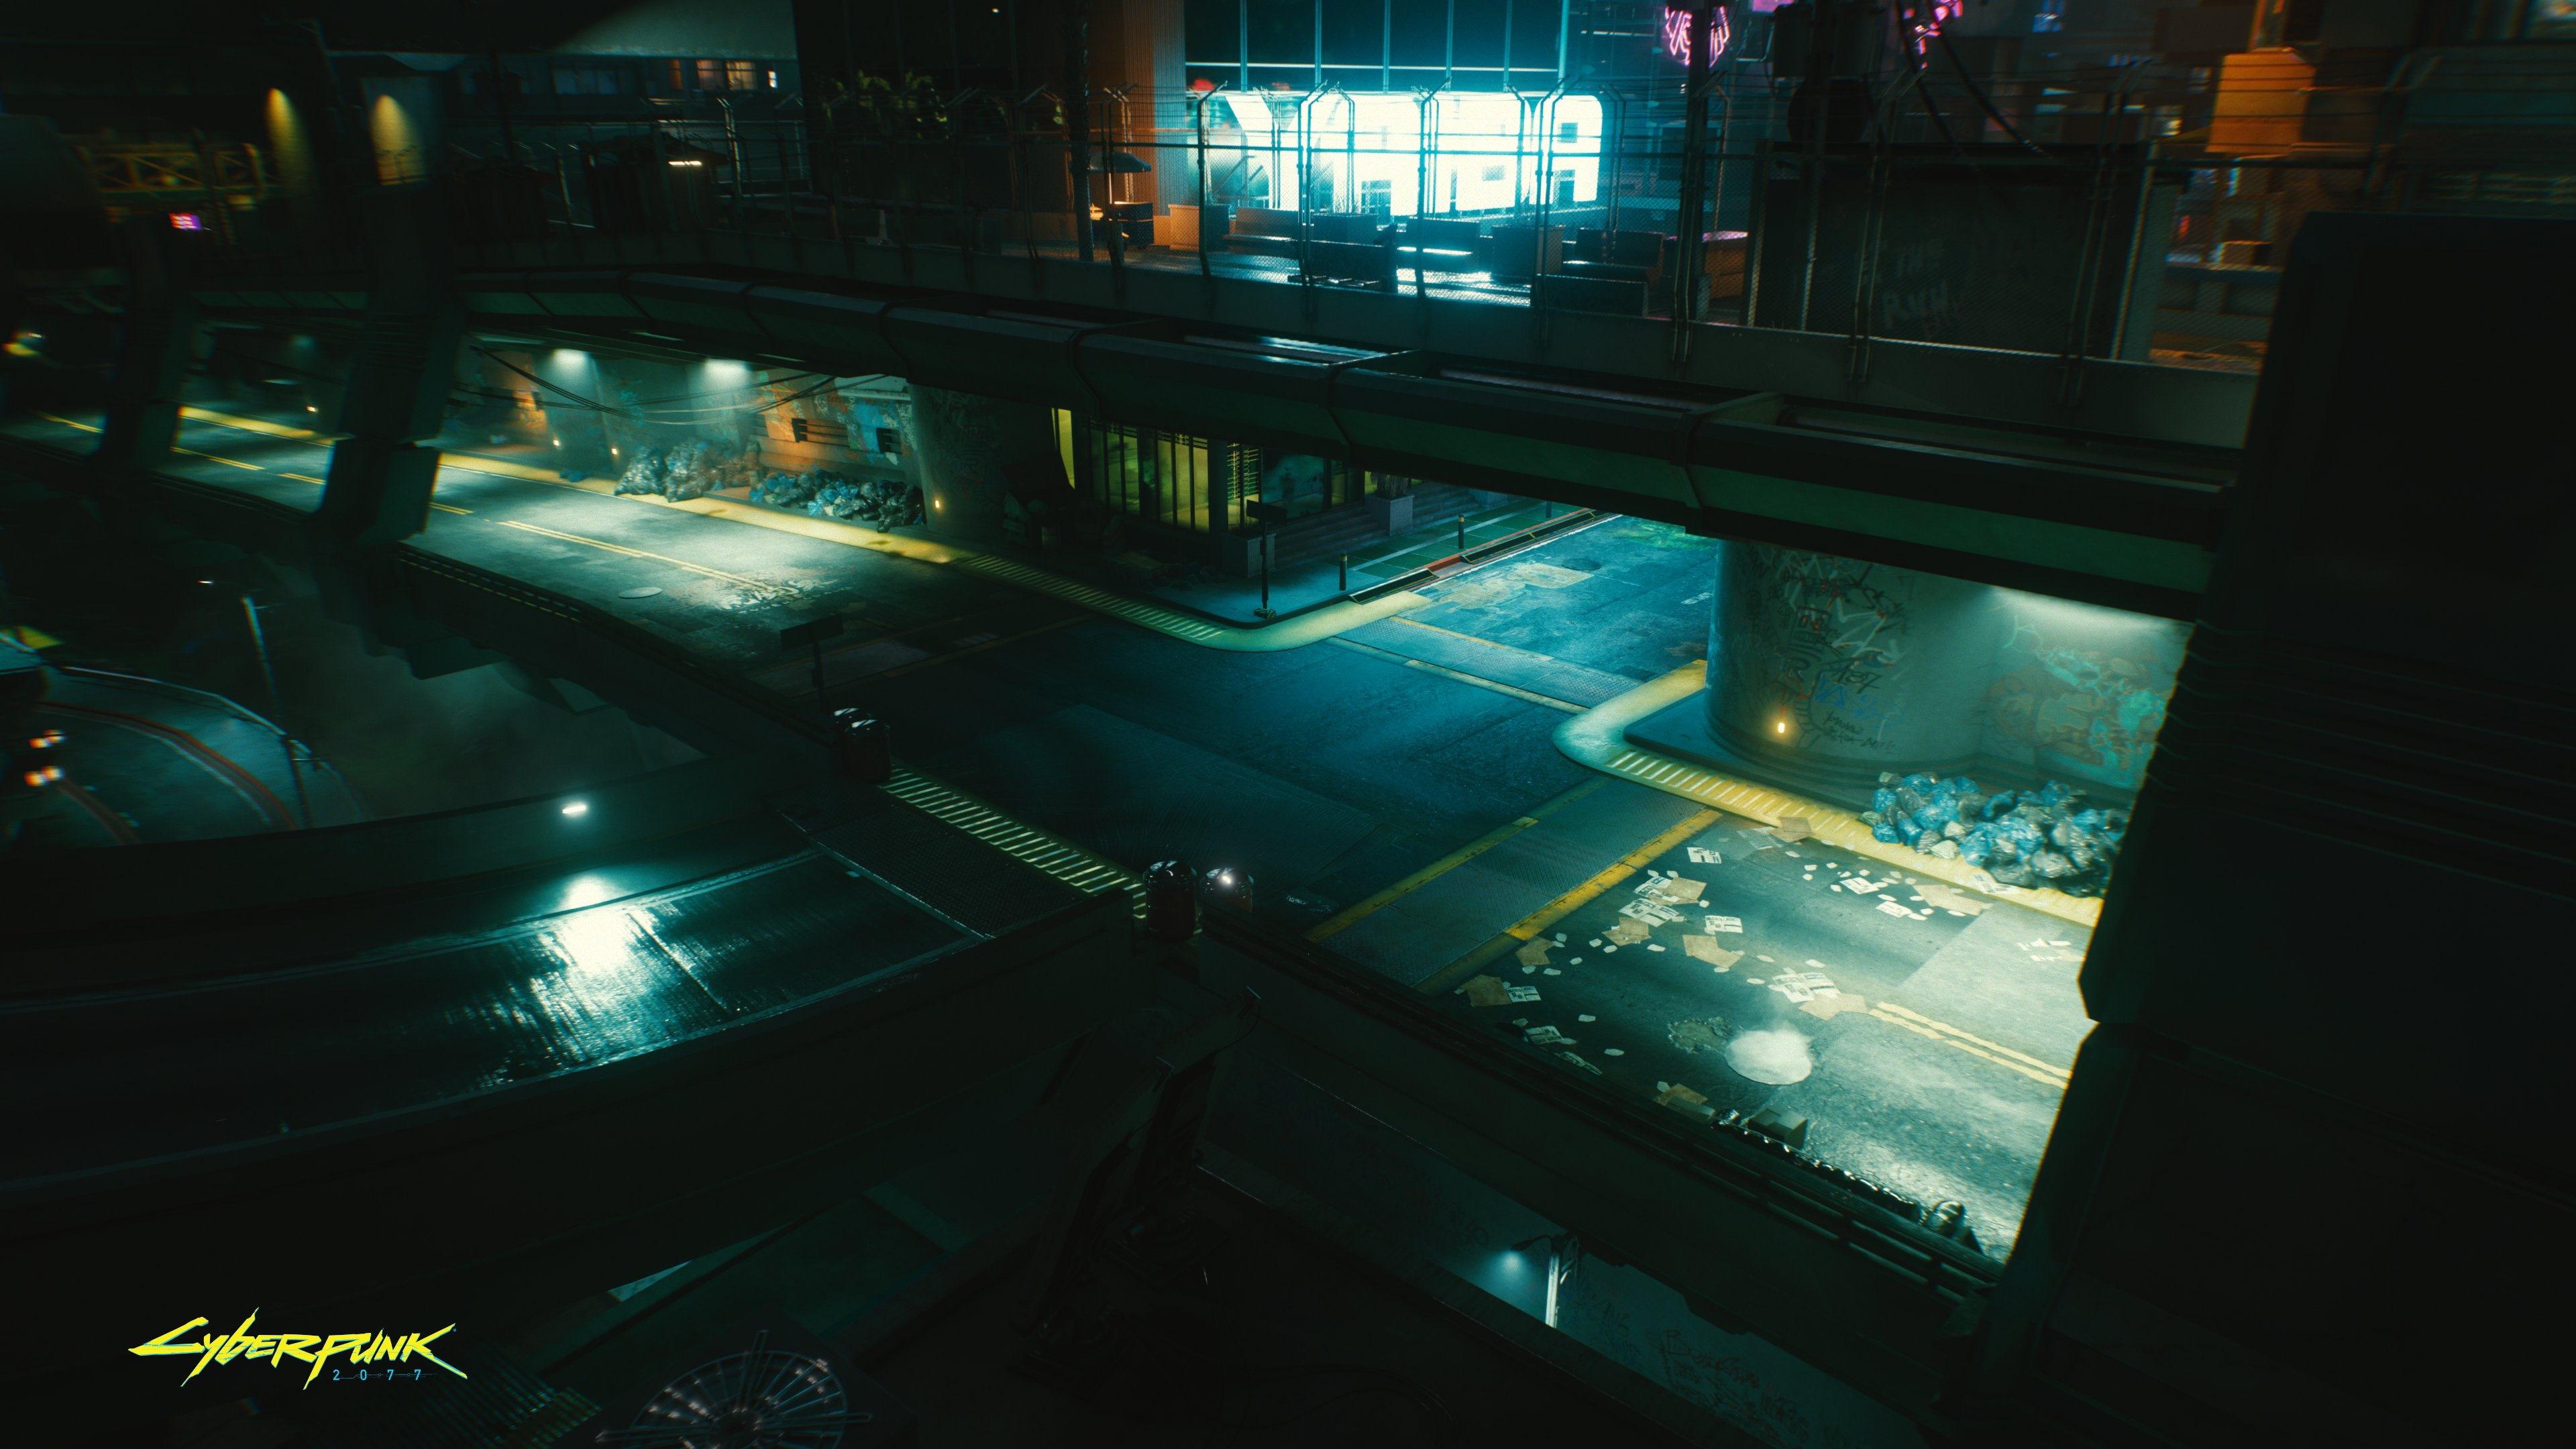 Утечка: Cyberpunk 2077 можно запускать в режимах производительности и качества на Xbox Series X